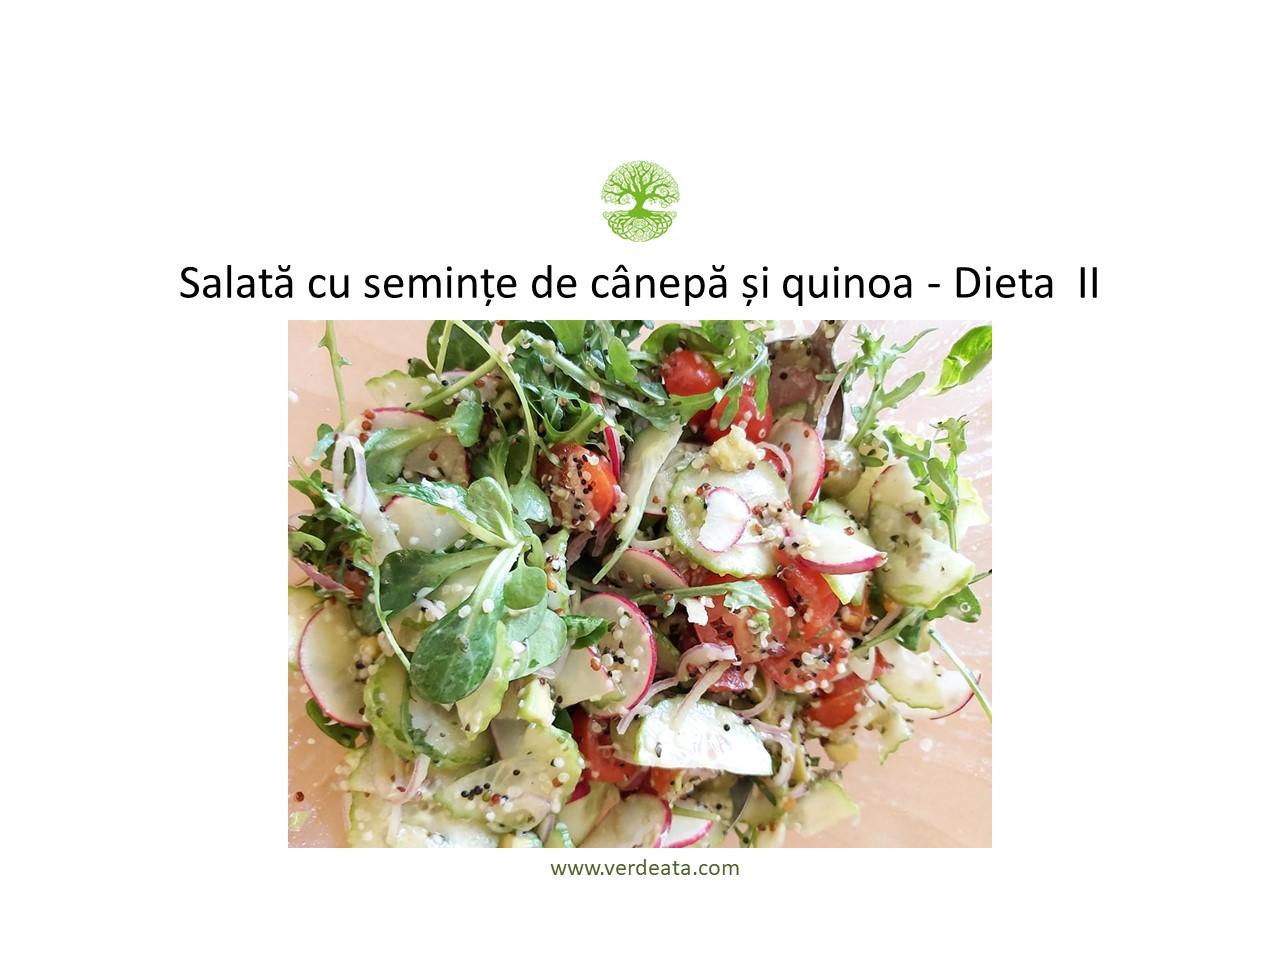 Salata cu seminte de canepa si quinoa - Dieta II